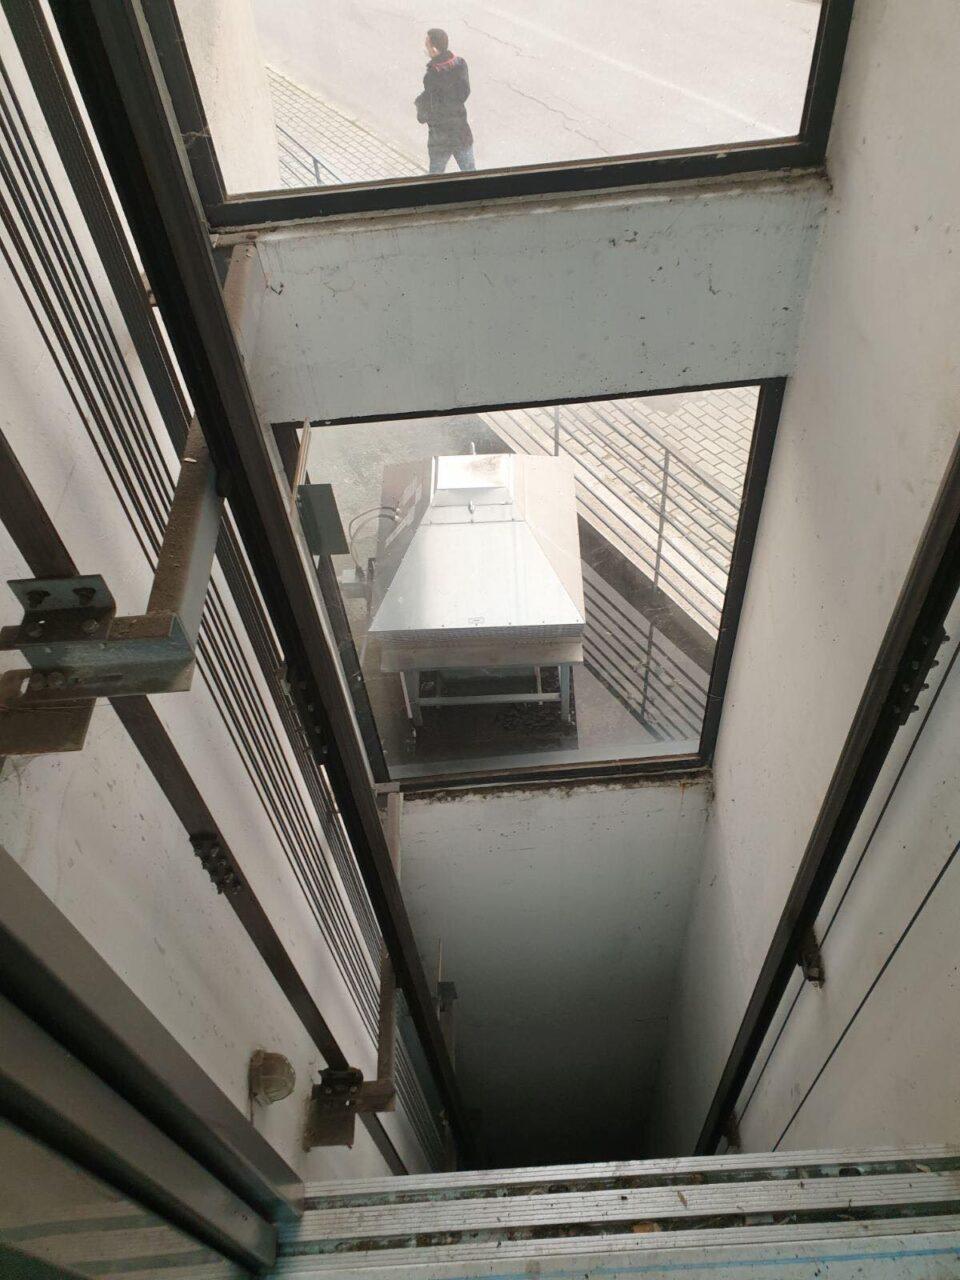 """Како во хорор филм: Отворен лифт среде Скопје, граѓаните без никакво предупредување во катната гаража """"Смилевски конгрес"""" (ФОТО)"""